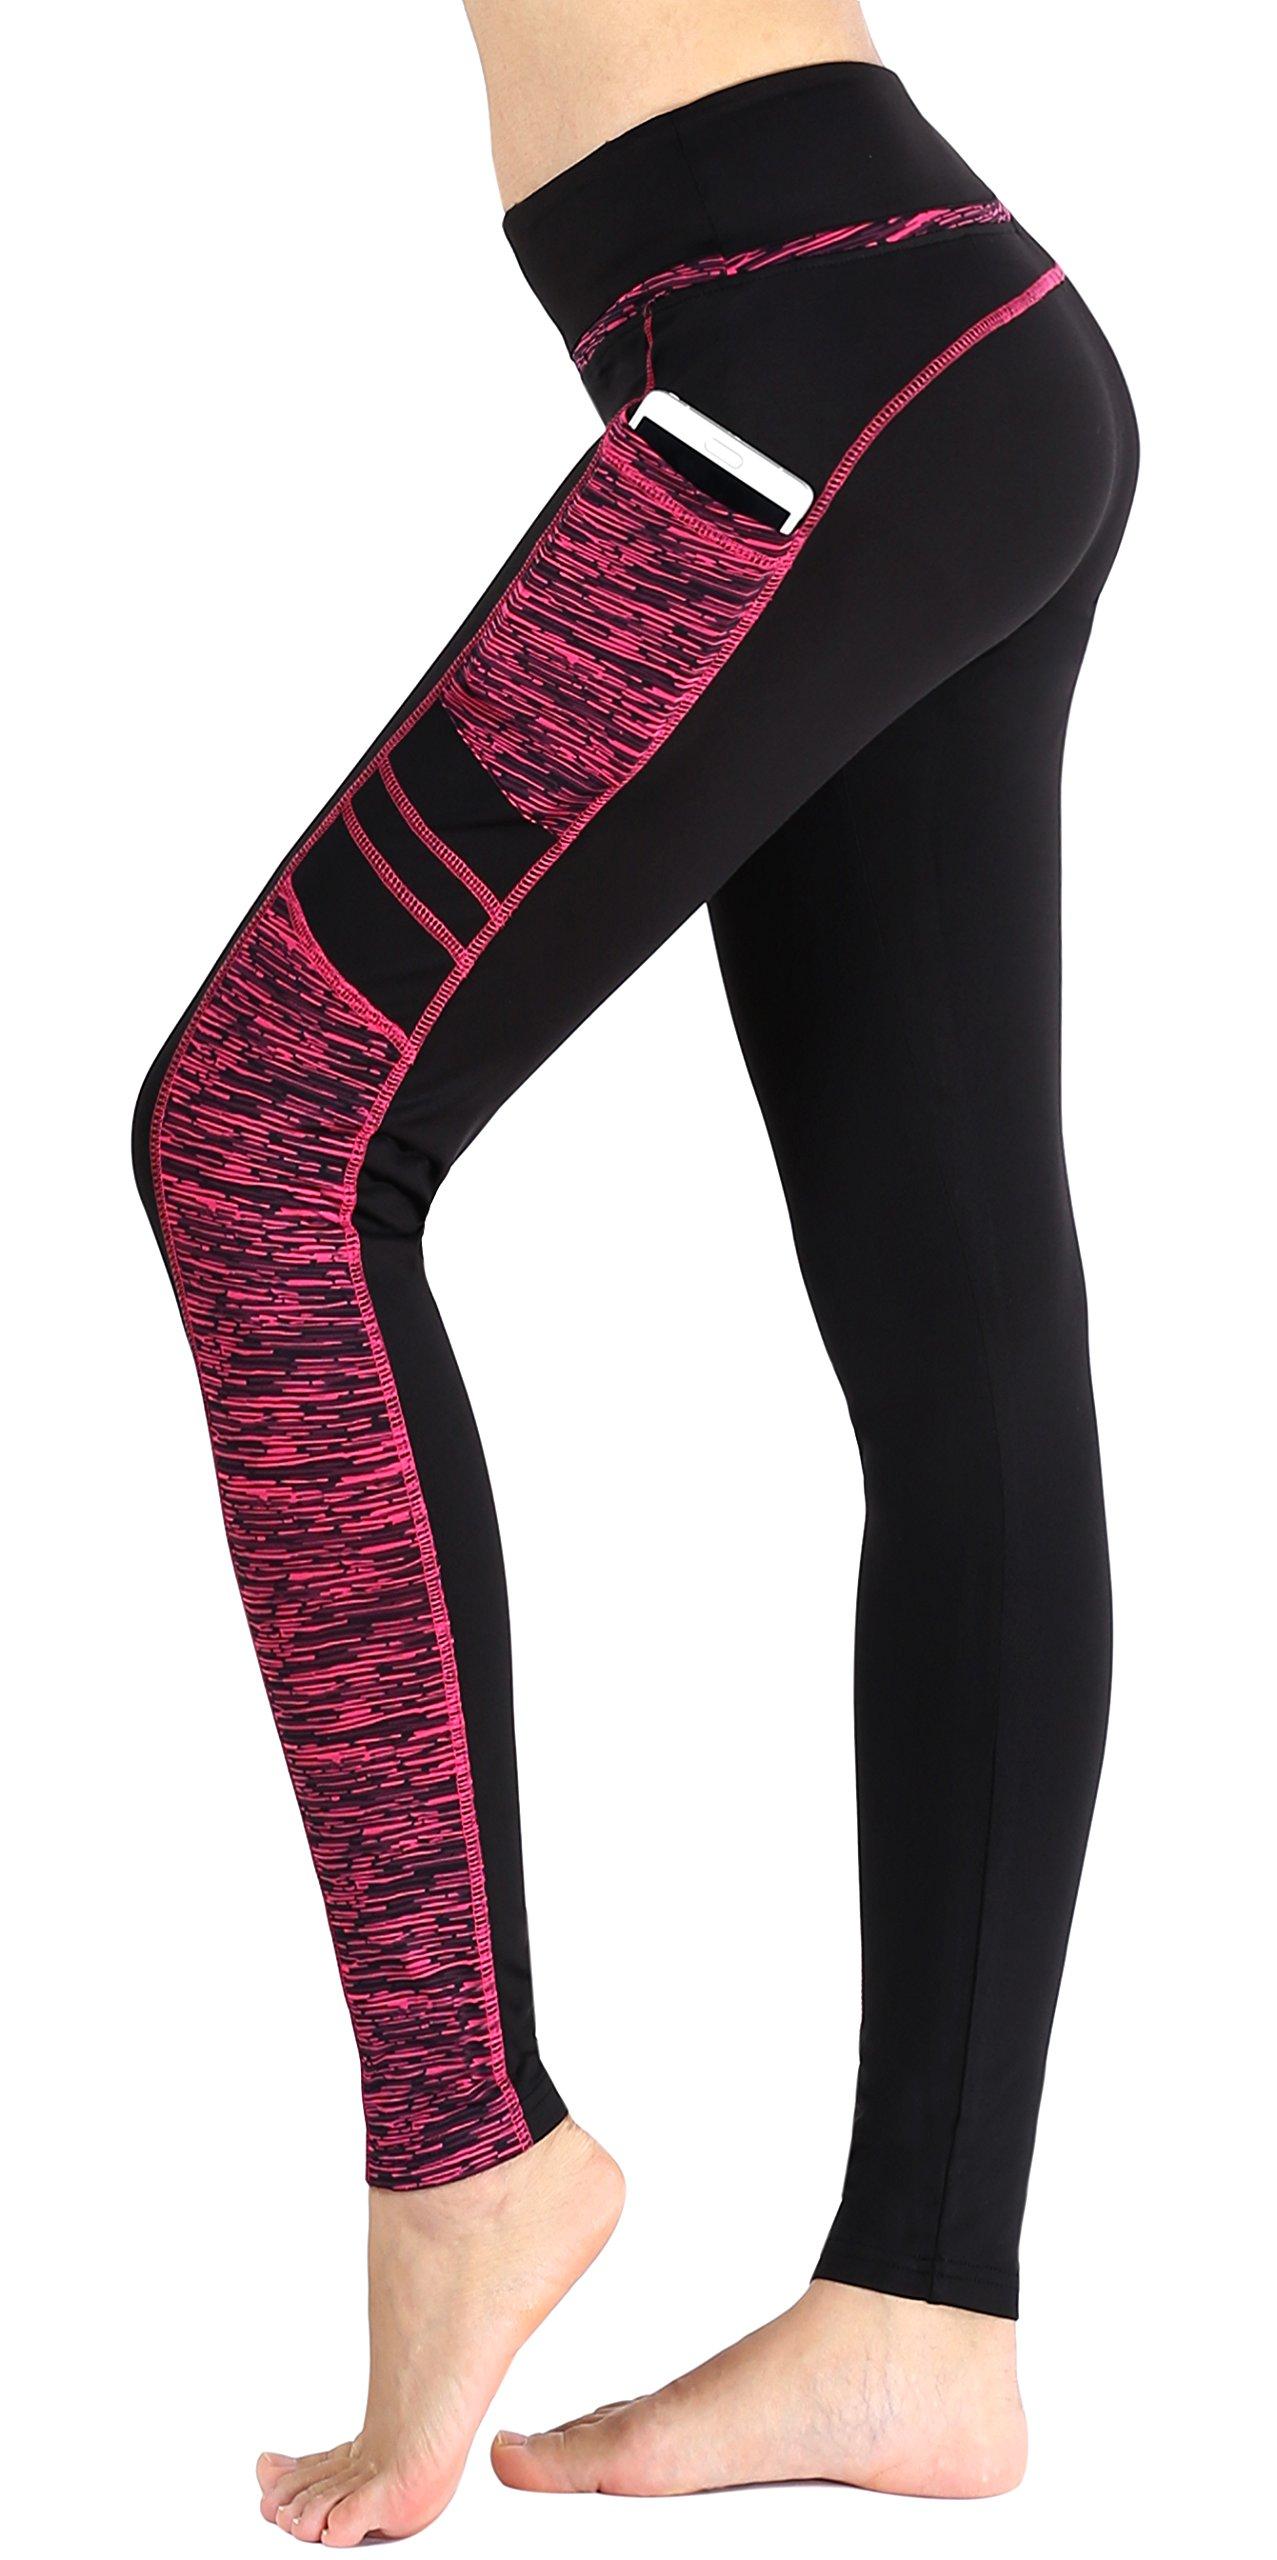 Sugar Pocket Women's Workout Leggings Running Tights Yoga Pants L (Black/Rose)